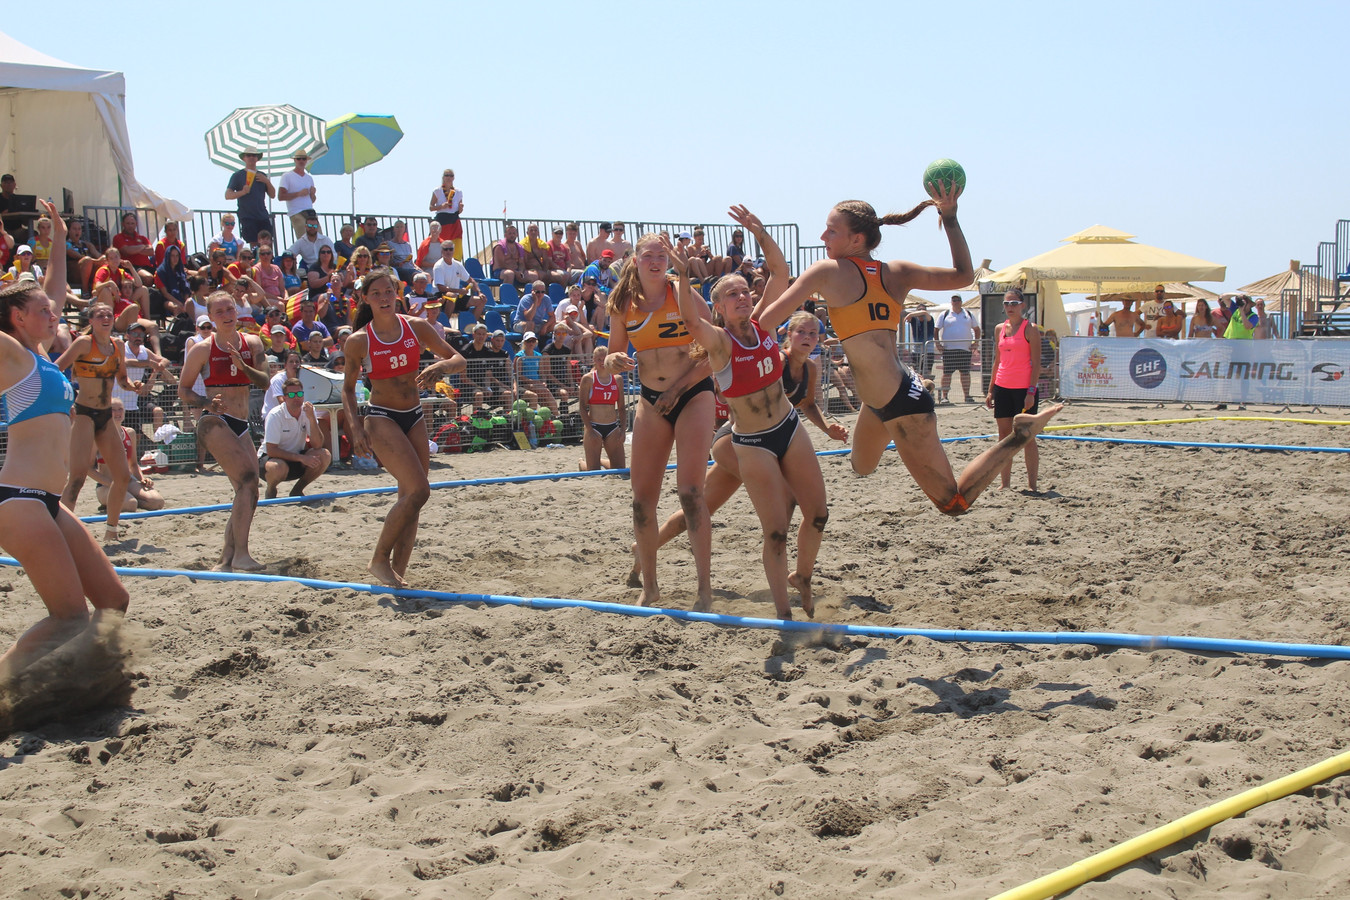 Het succesvolle Nederlandse beachhandbalteam onder 18 jaar in actie tijdens het EK in Montenegro.